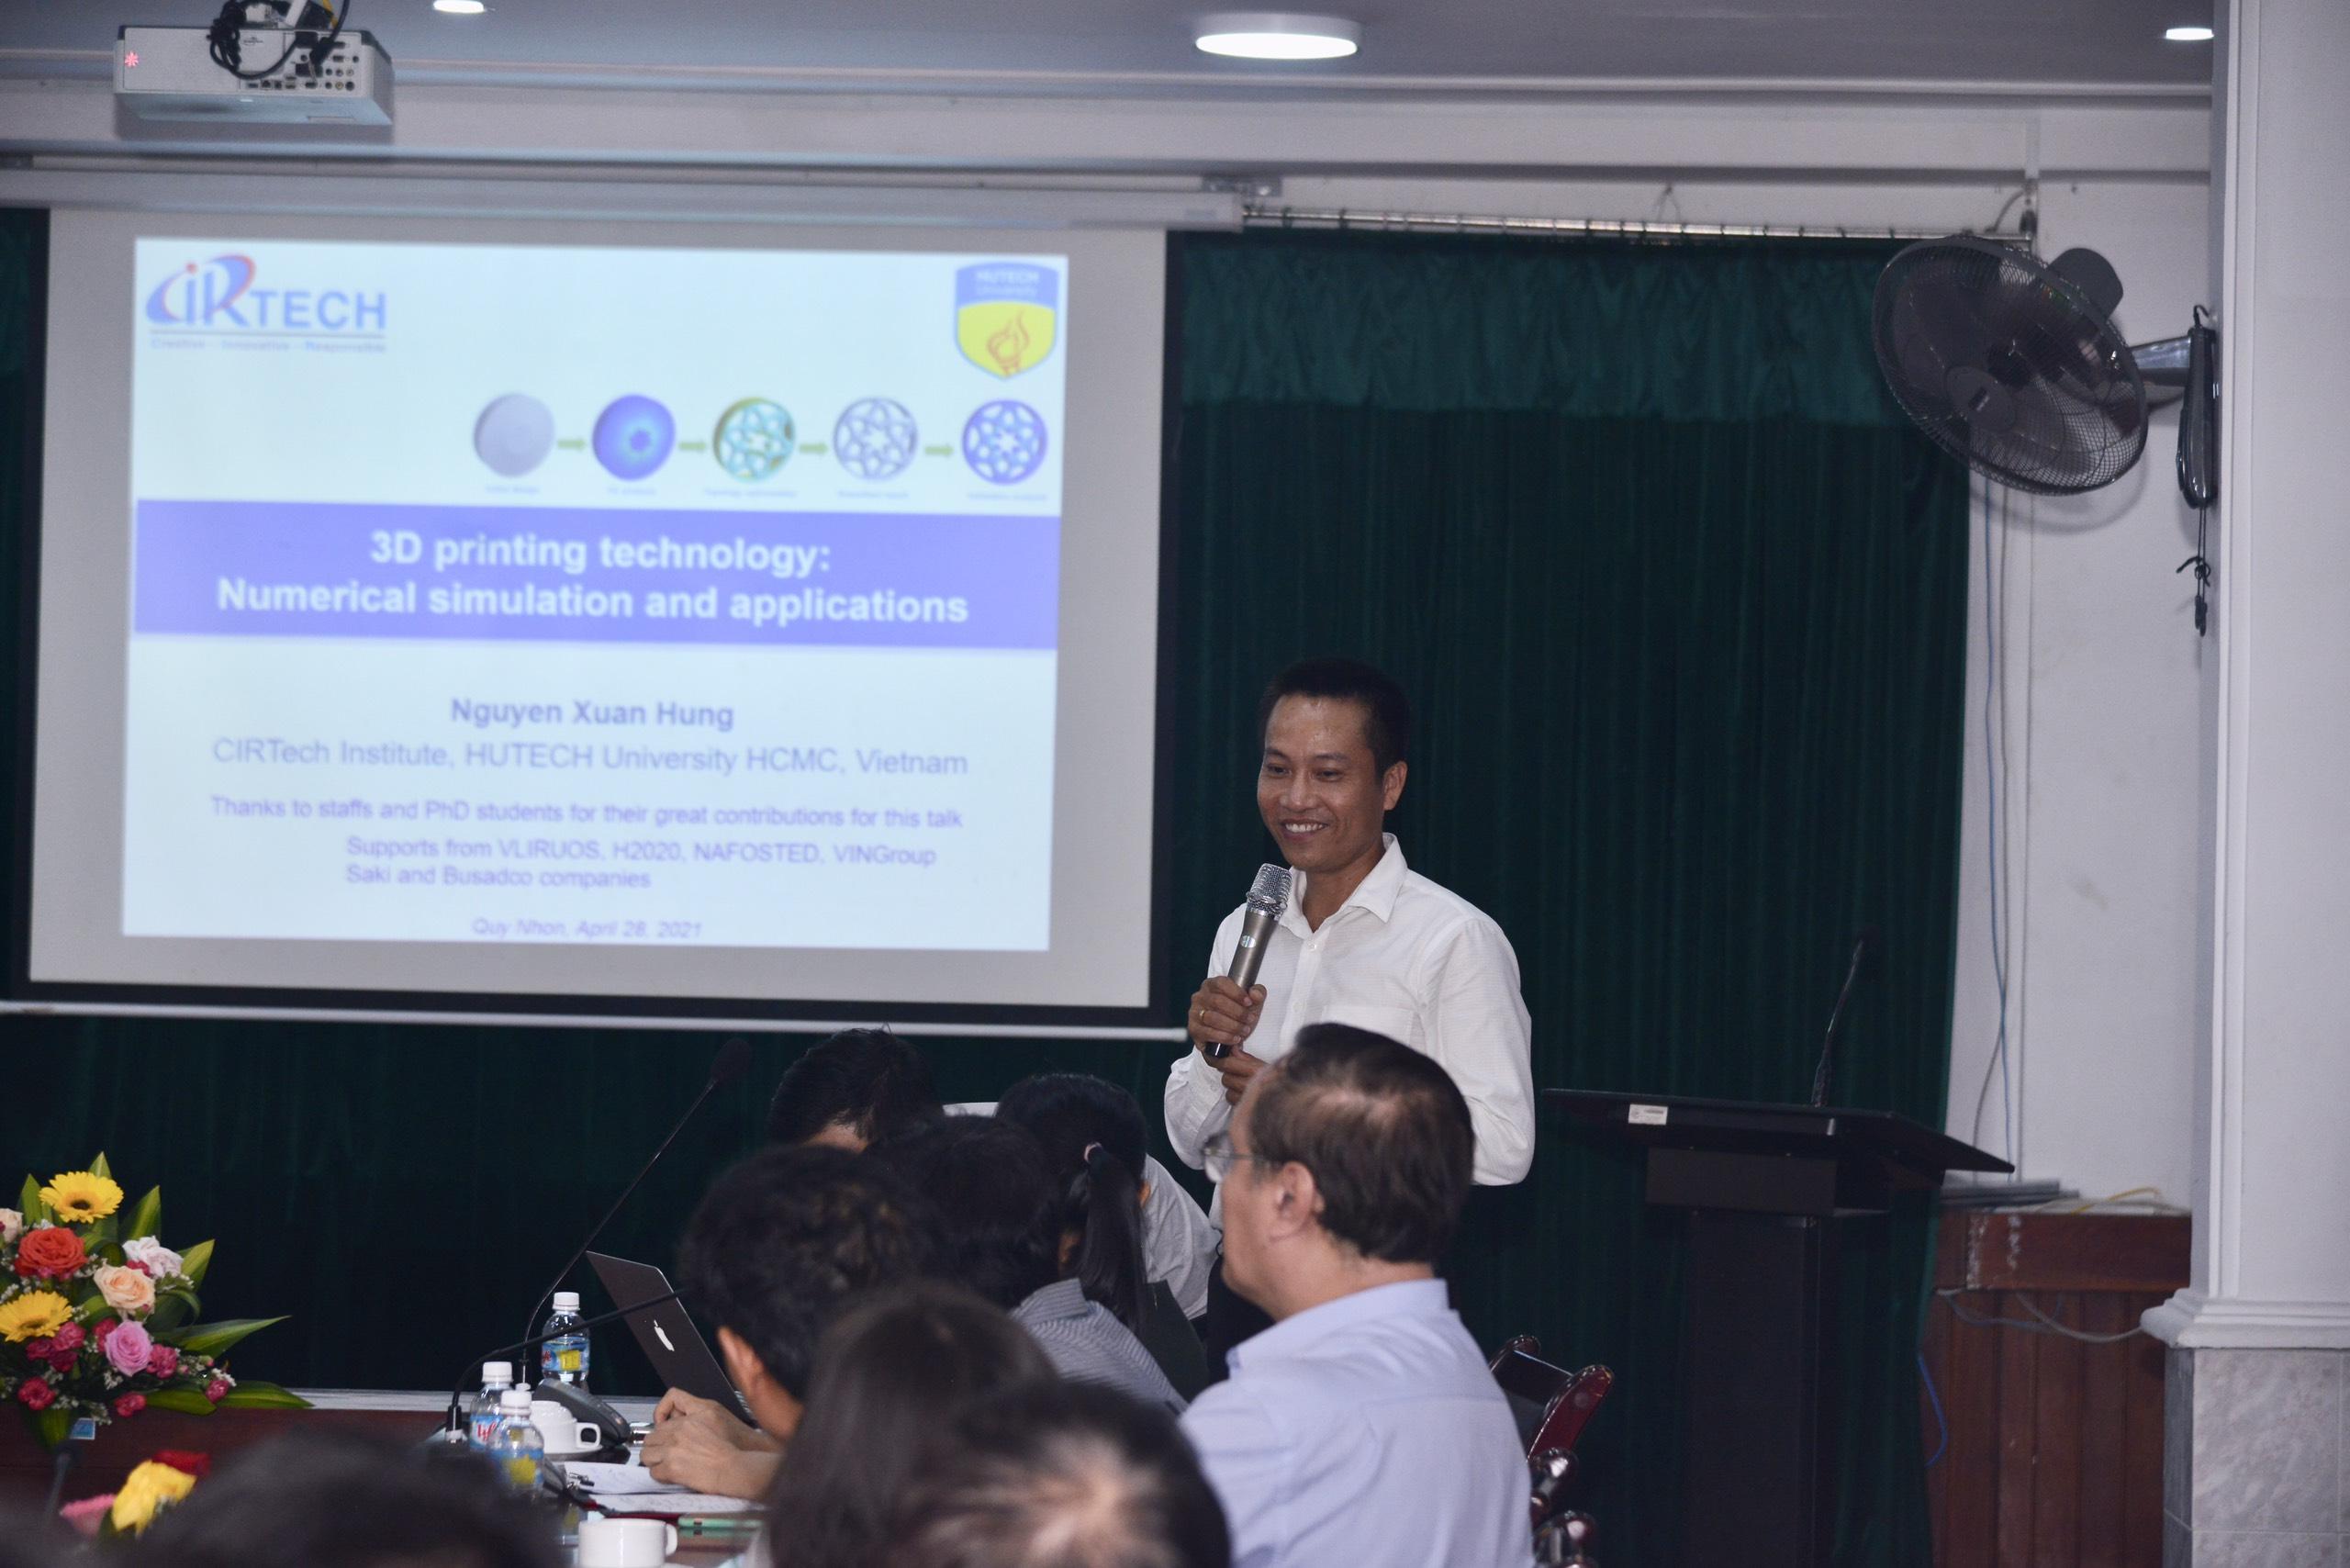 GS. TS. Nguyễn Xuân Hùng - Viện CIRTech - Hutech